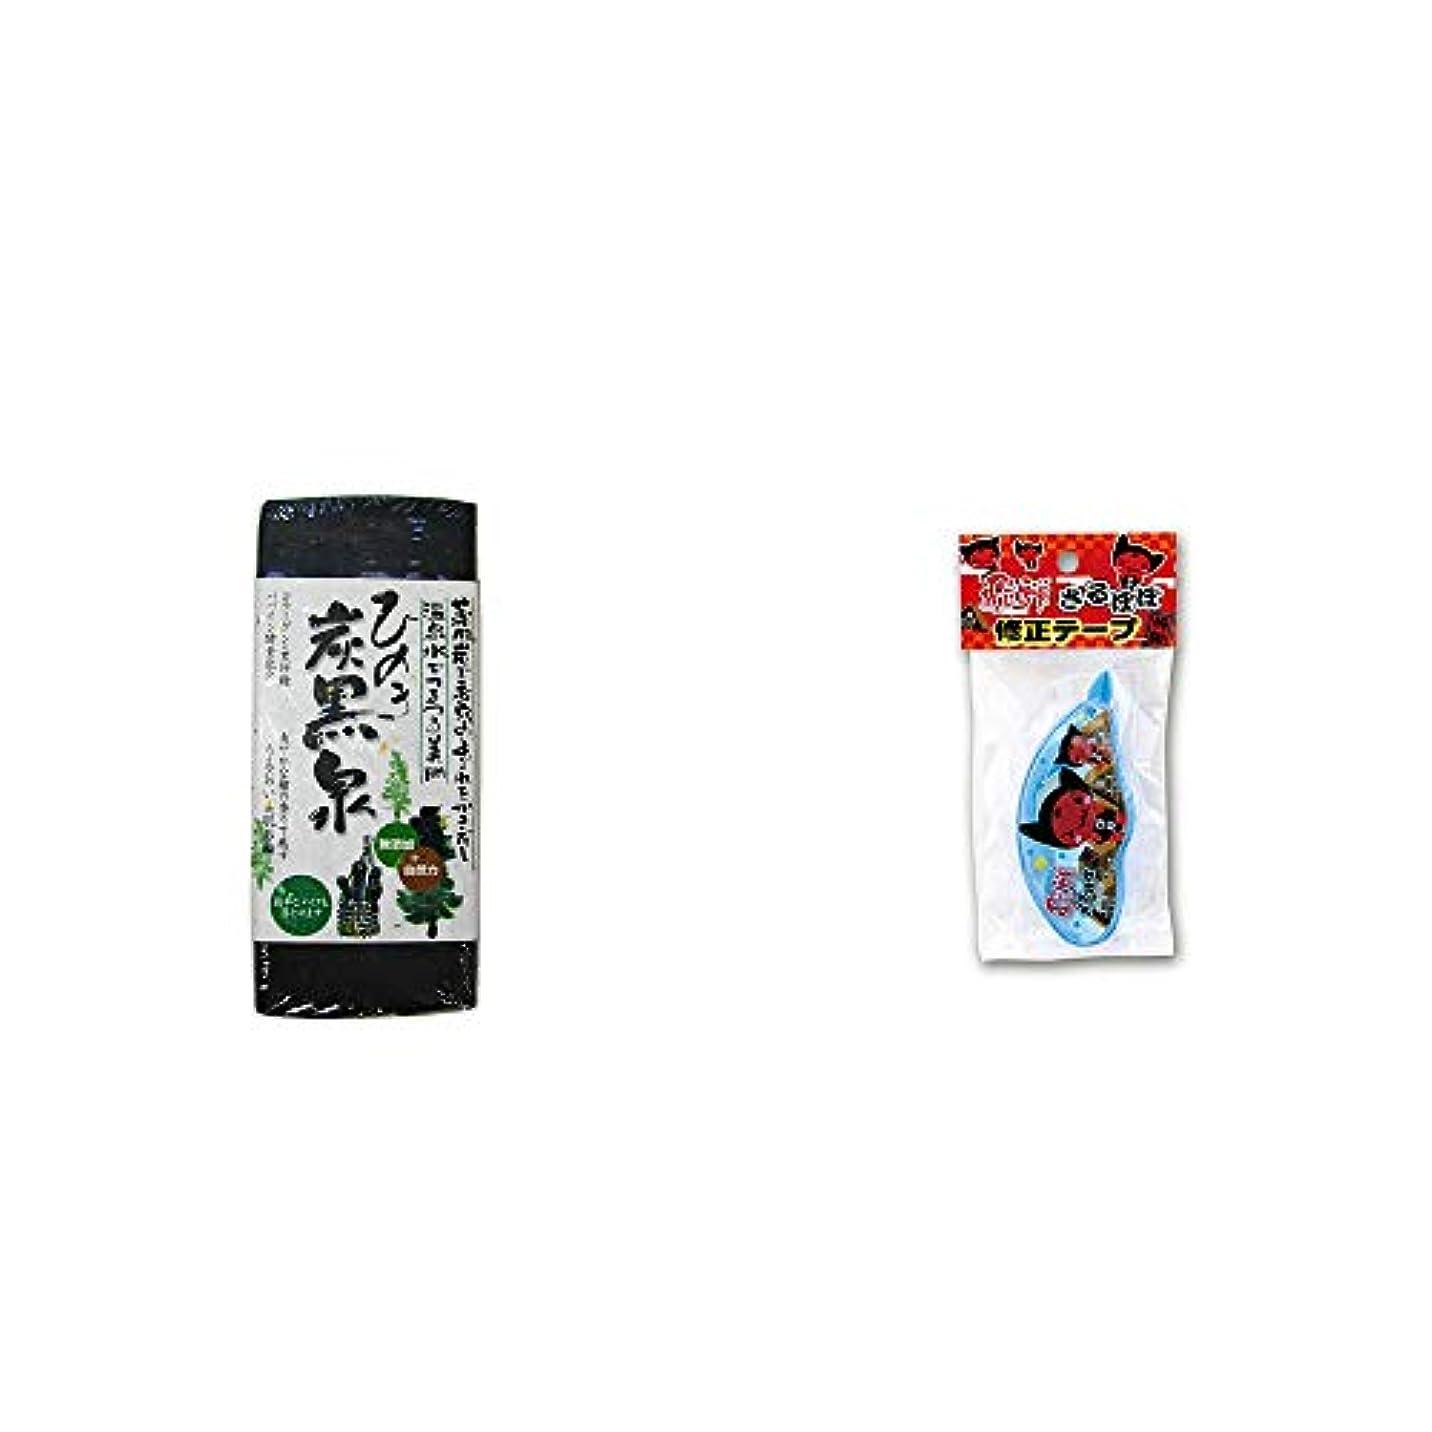 スーパー葉検体[2点セット] ひのき炭黒泉(75g×2)・さるぼぼ 修正テープ【ピンク】